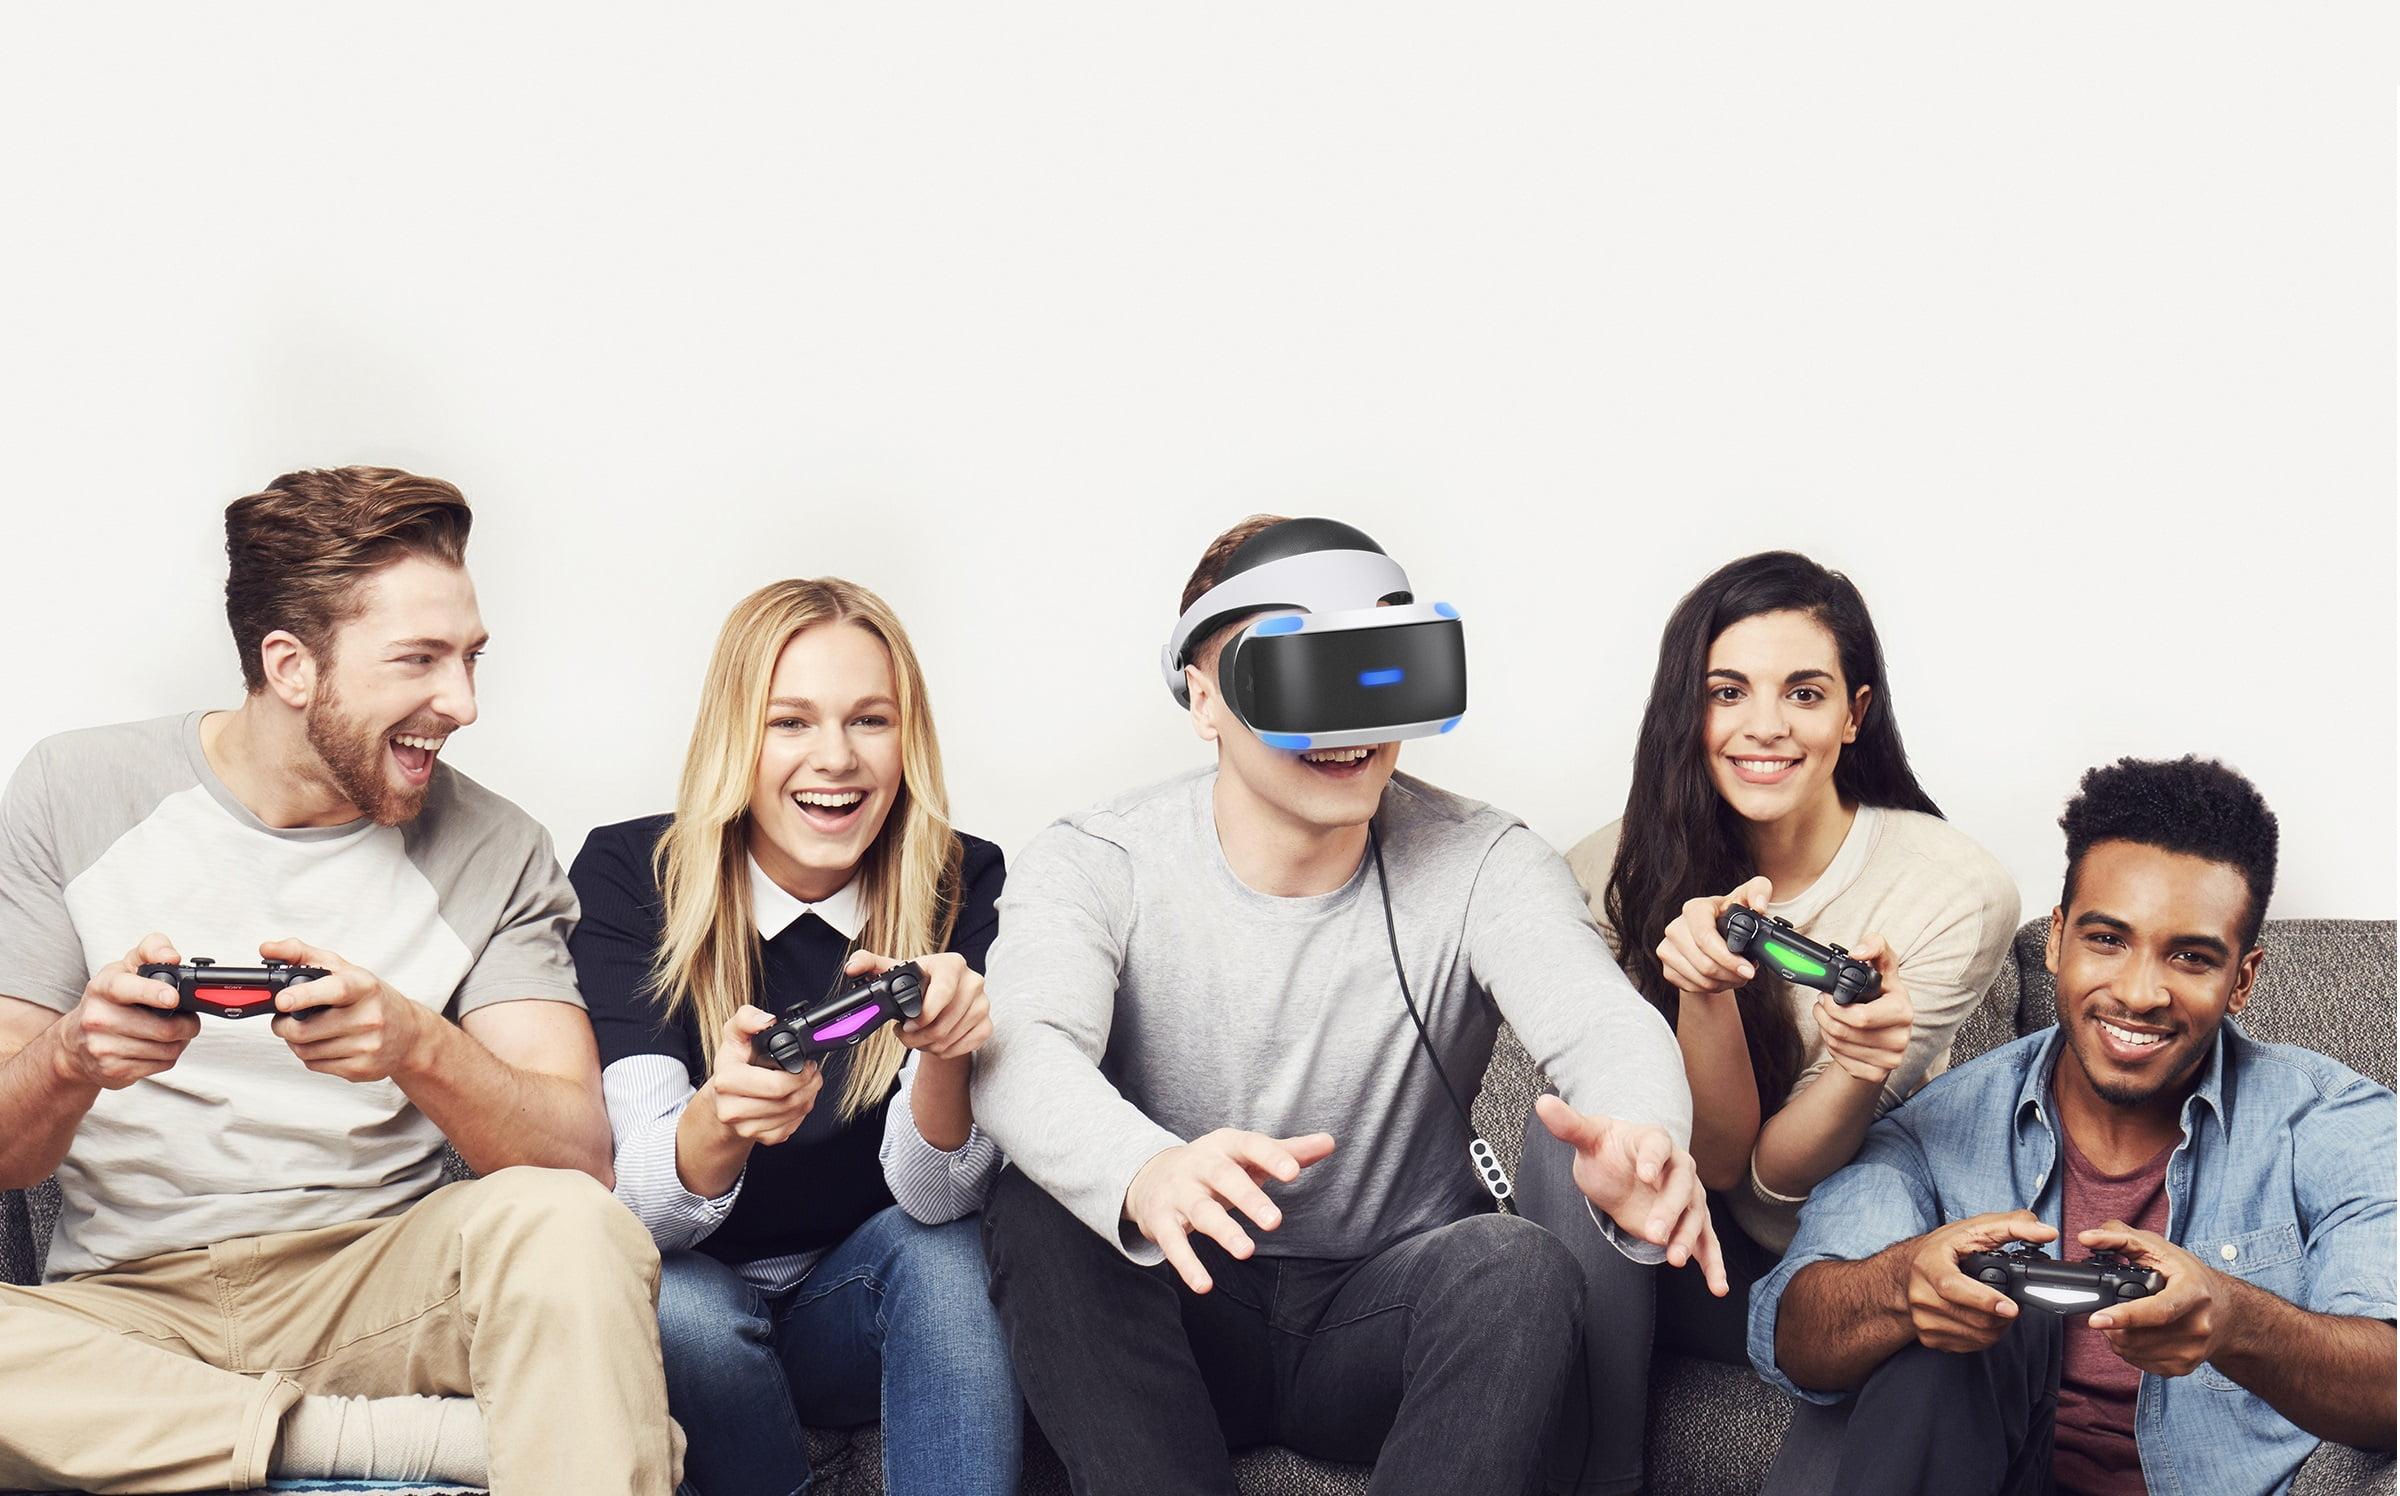 Virtual Reality hat den Ruf, asozial zu sein. Zu Unrecht, wie ich kürzlich bei einem Selbstversuch feststellte.